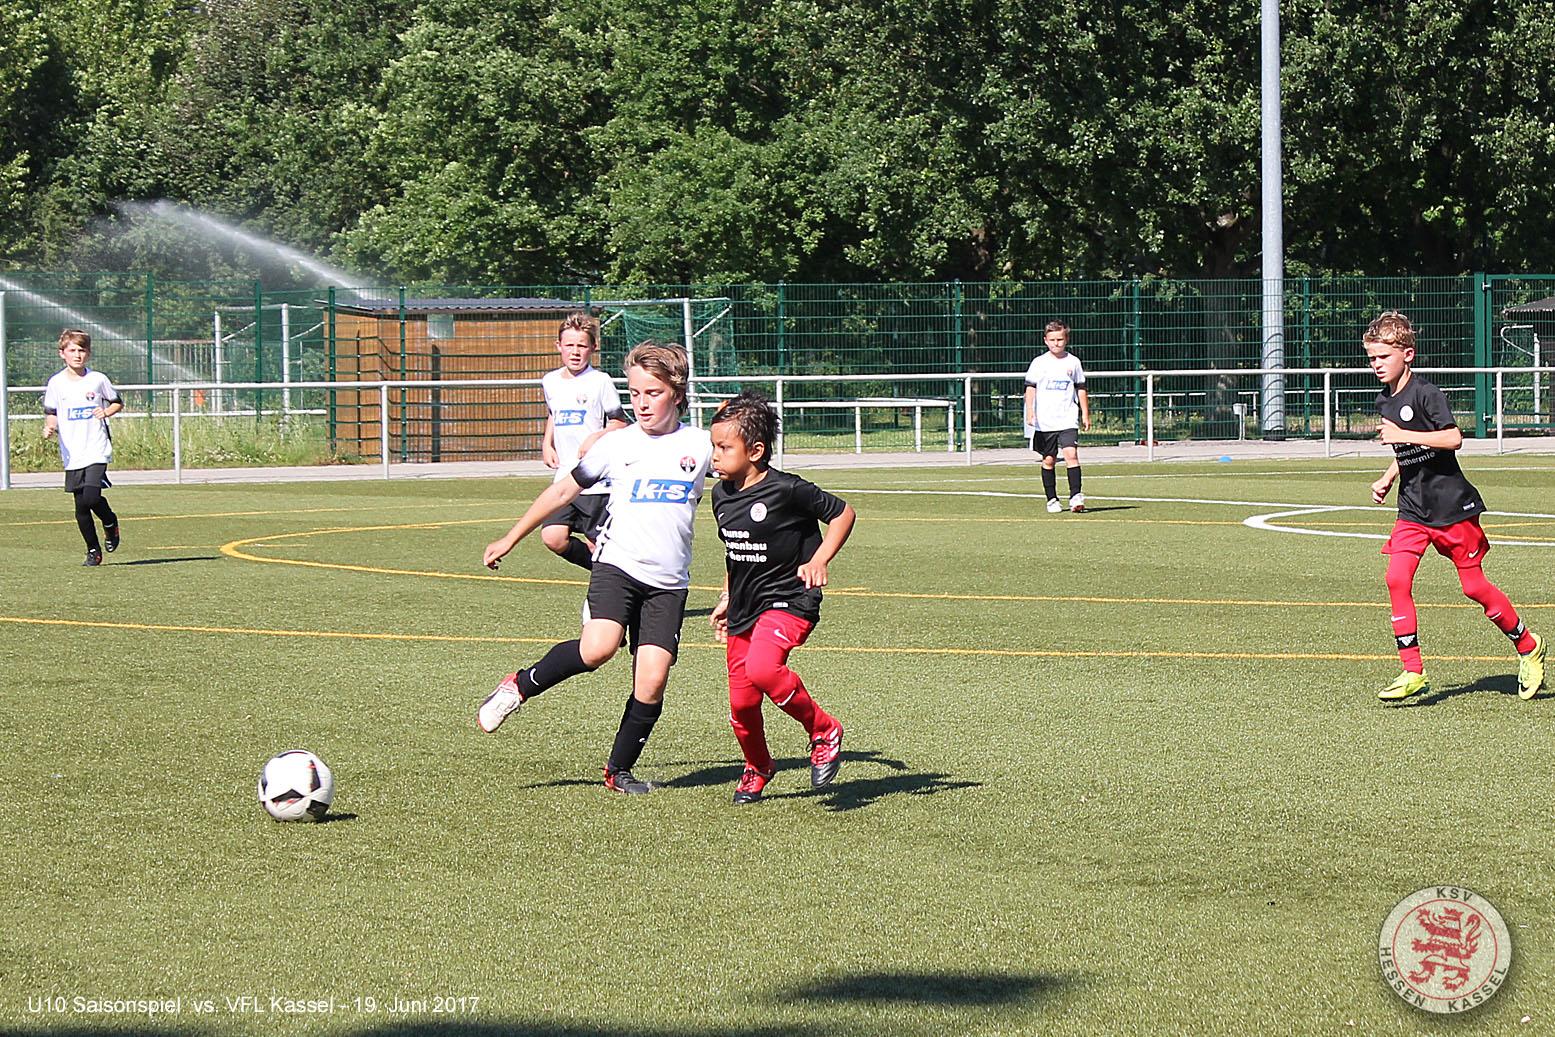 U10 - VfL Kassel